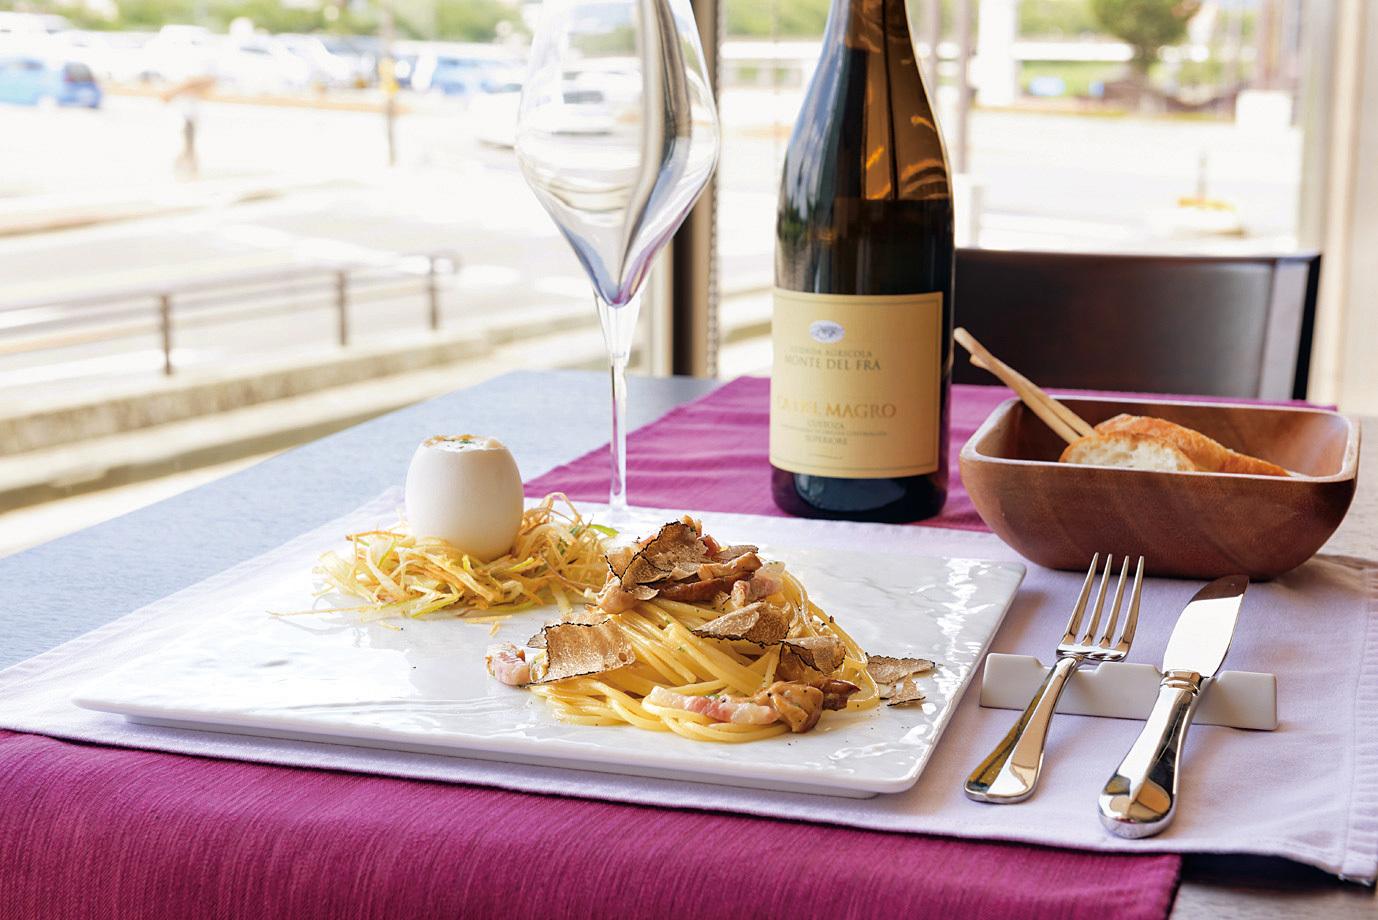 料理、ワイン、チーズまでイタリアの風が吹くレストラン